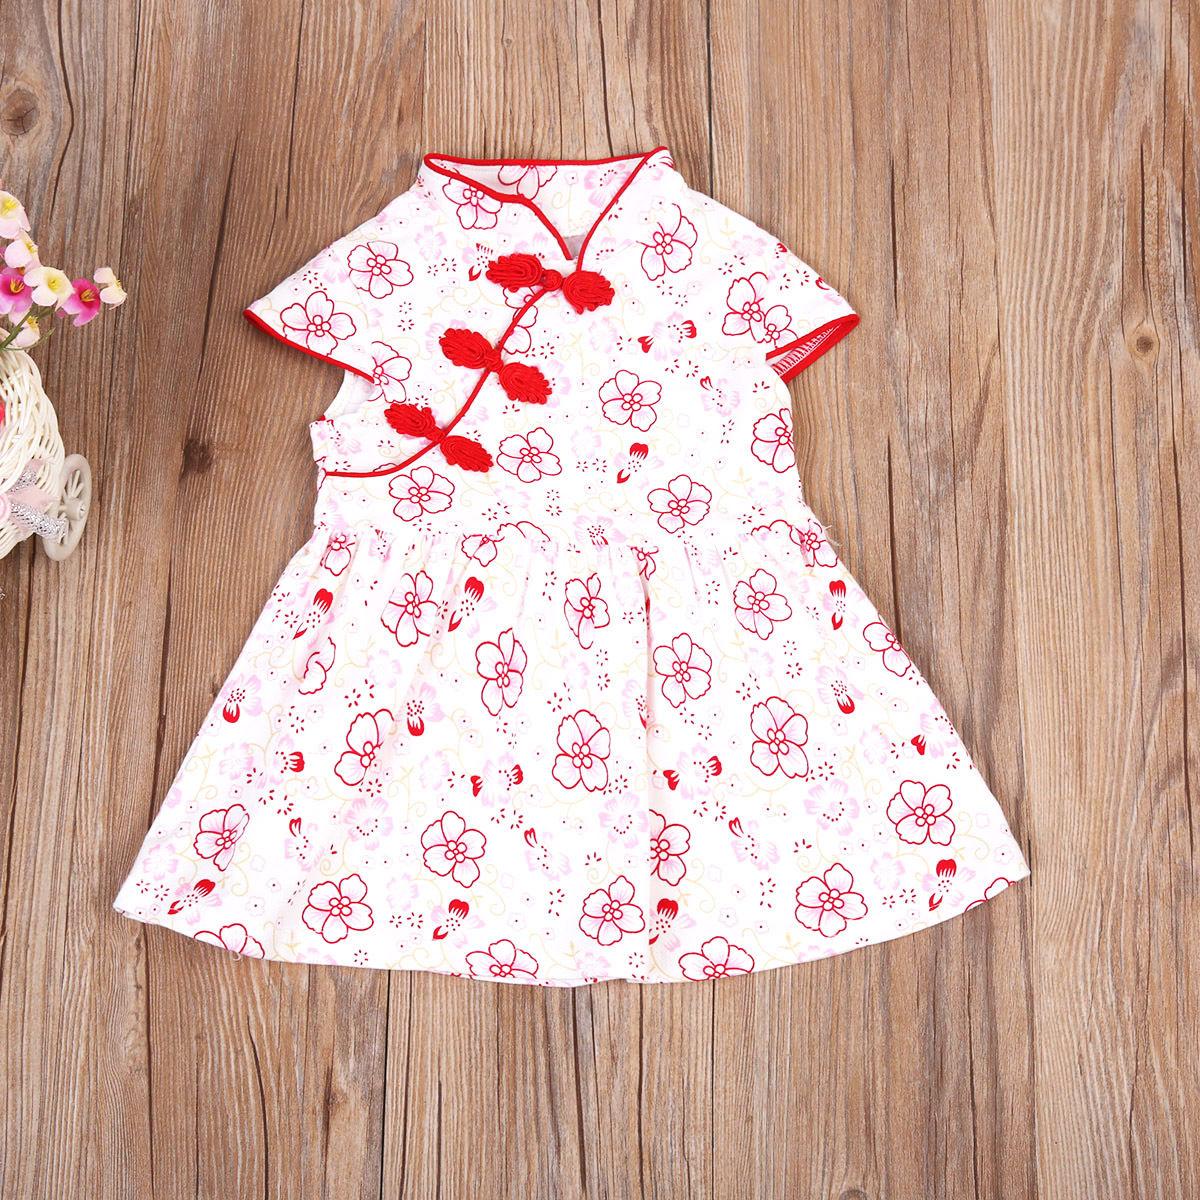 Bonita do Verão Infantil Baby Girl Floral Cheongsam Qipao Chinês Vestido Roupas